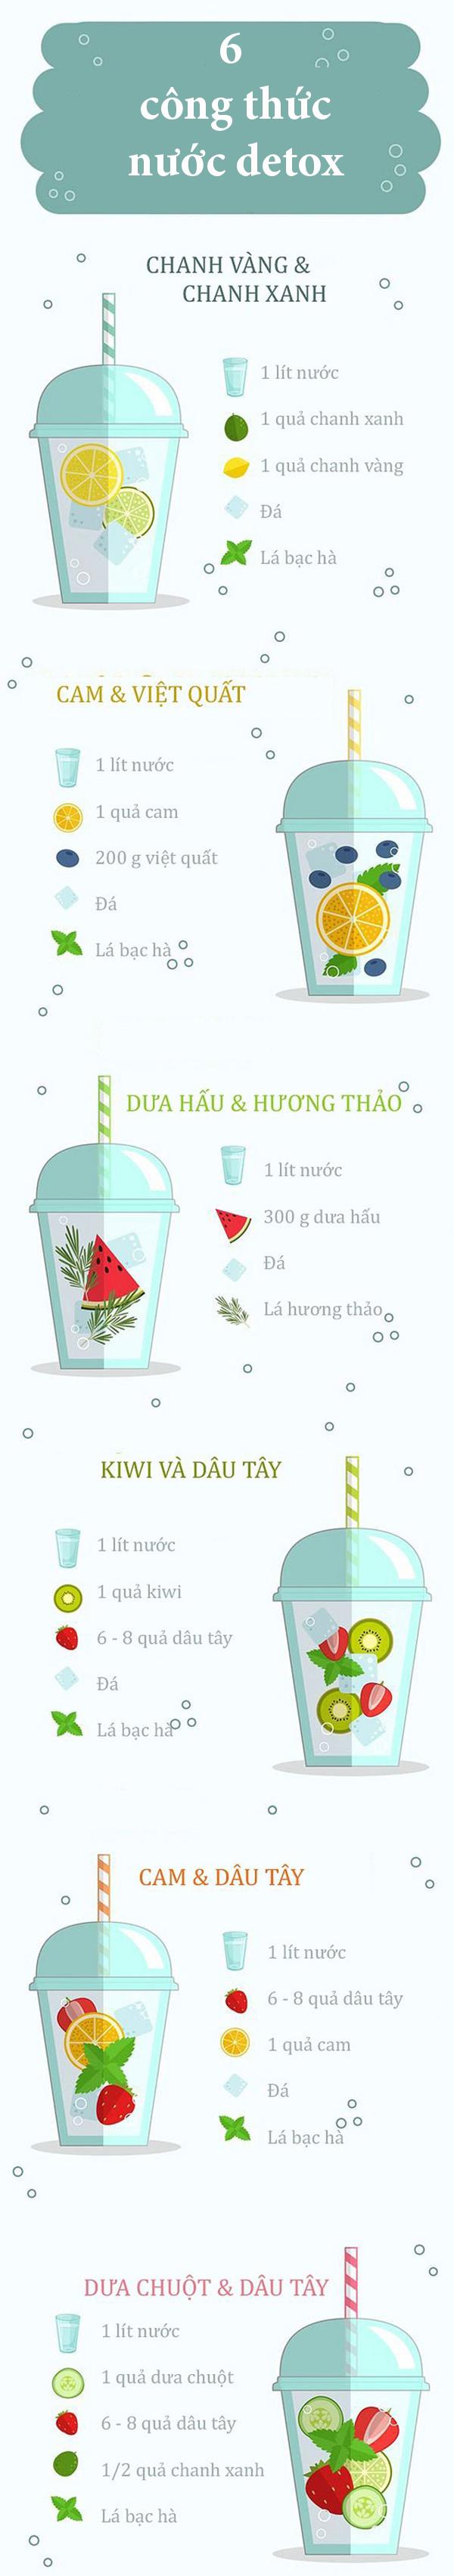 6 công thức nước detox dễ làm